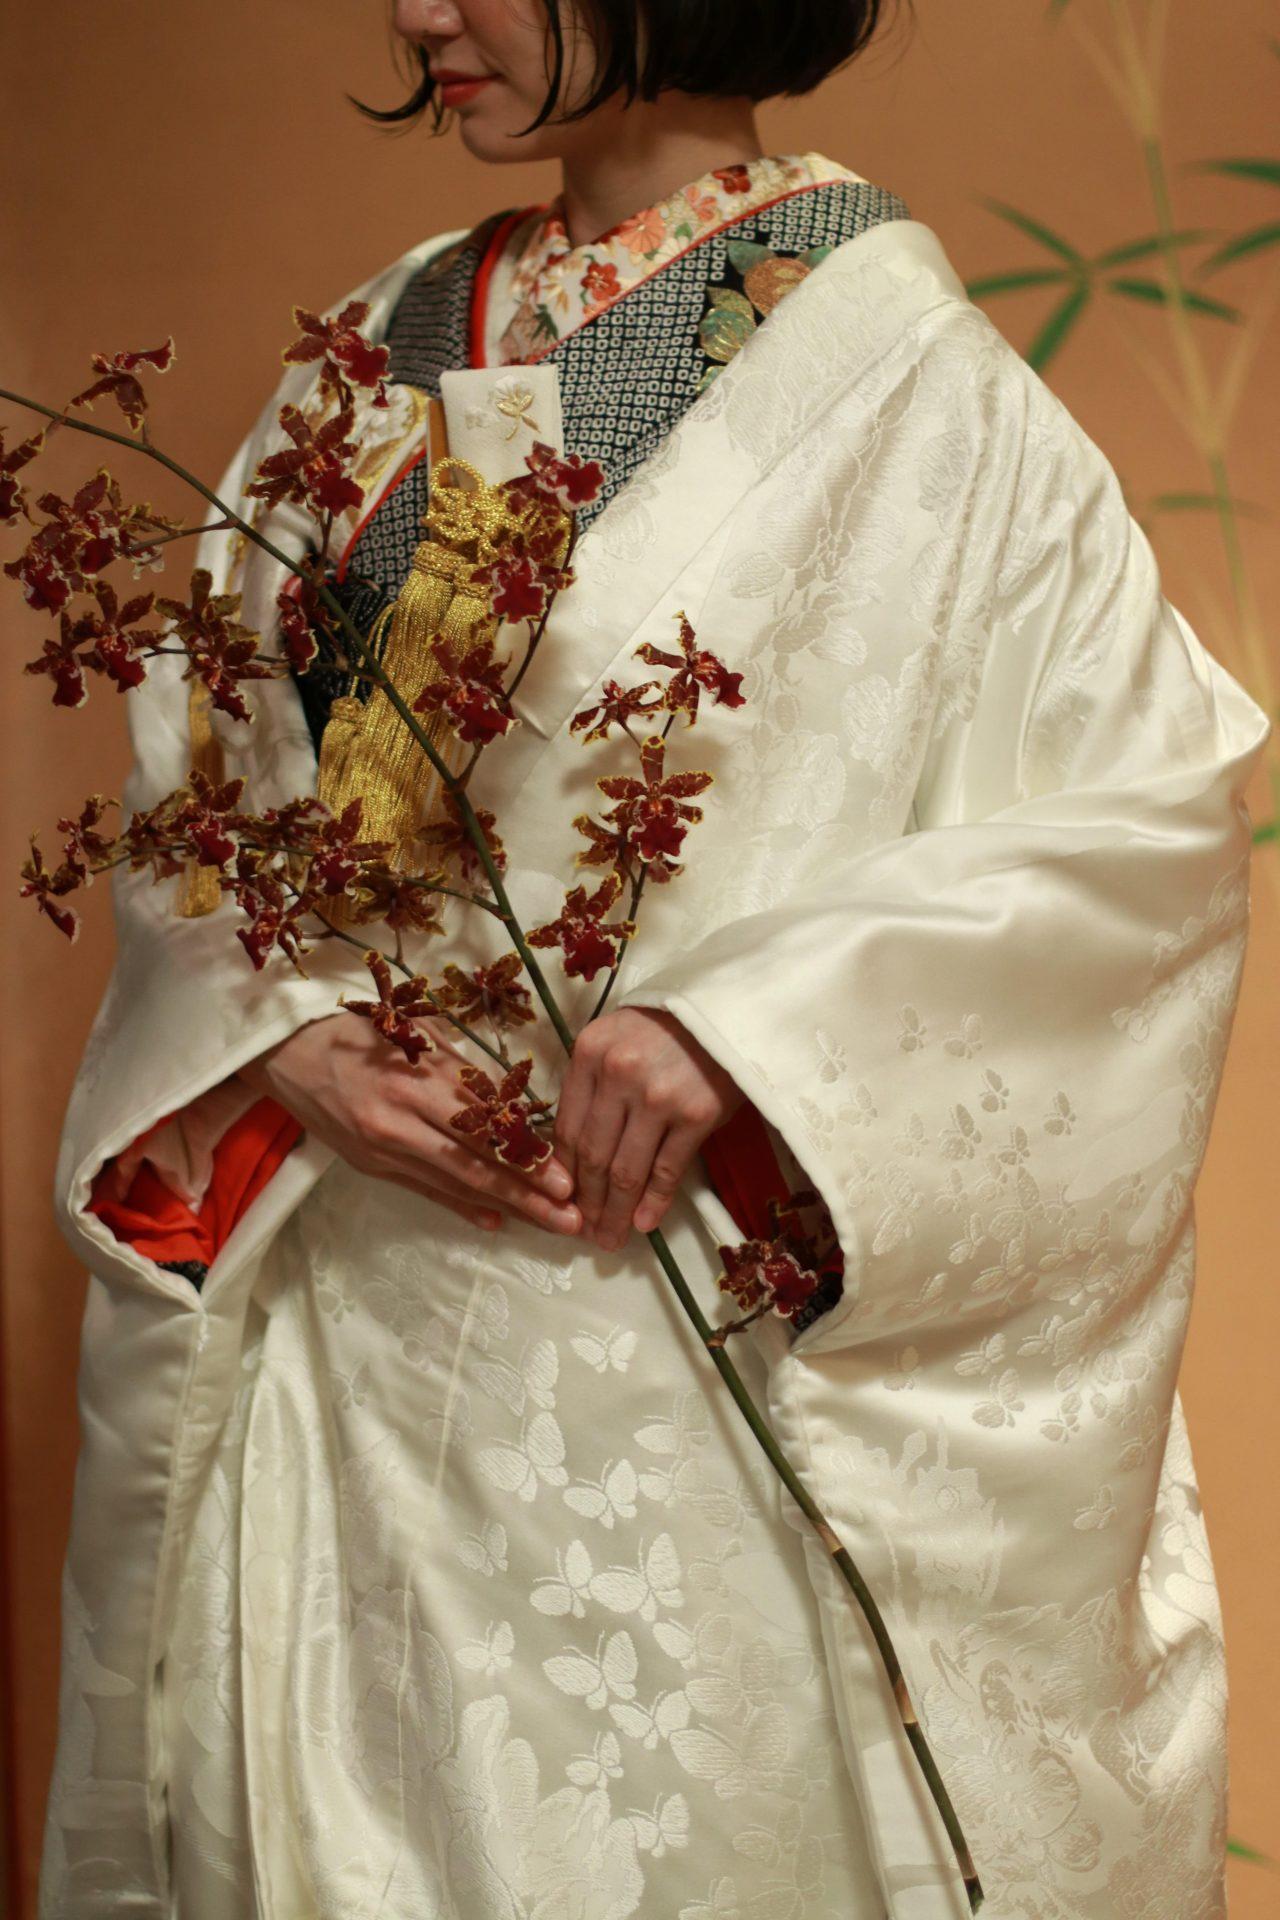 ザトリートドレッシング名古屋店提携の結婚式場河文にて前撮りを予定されている花嫁様へおすすめの和装コーディネート